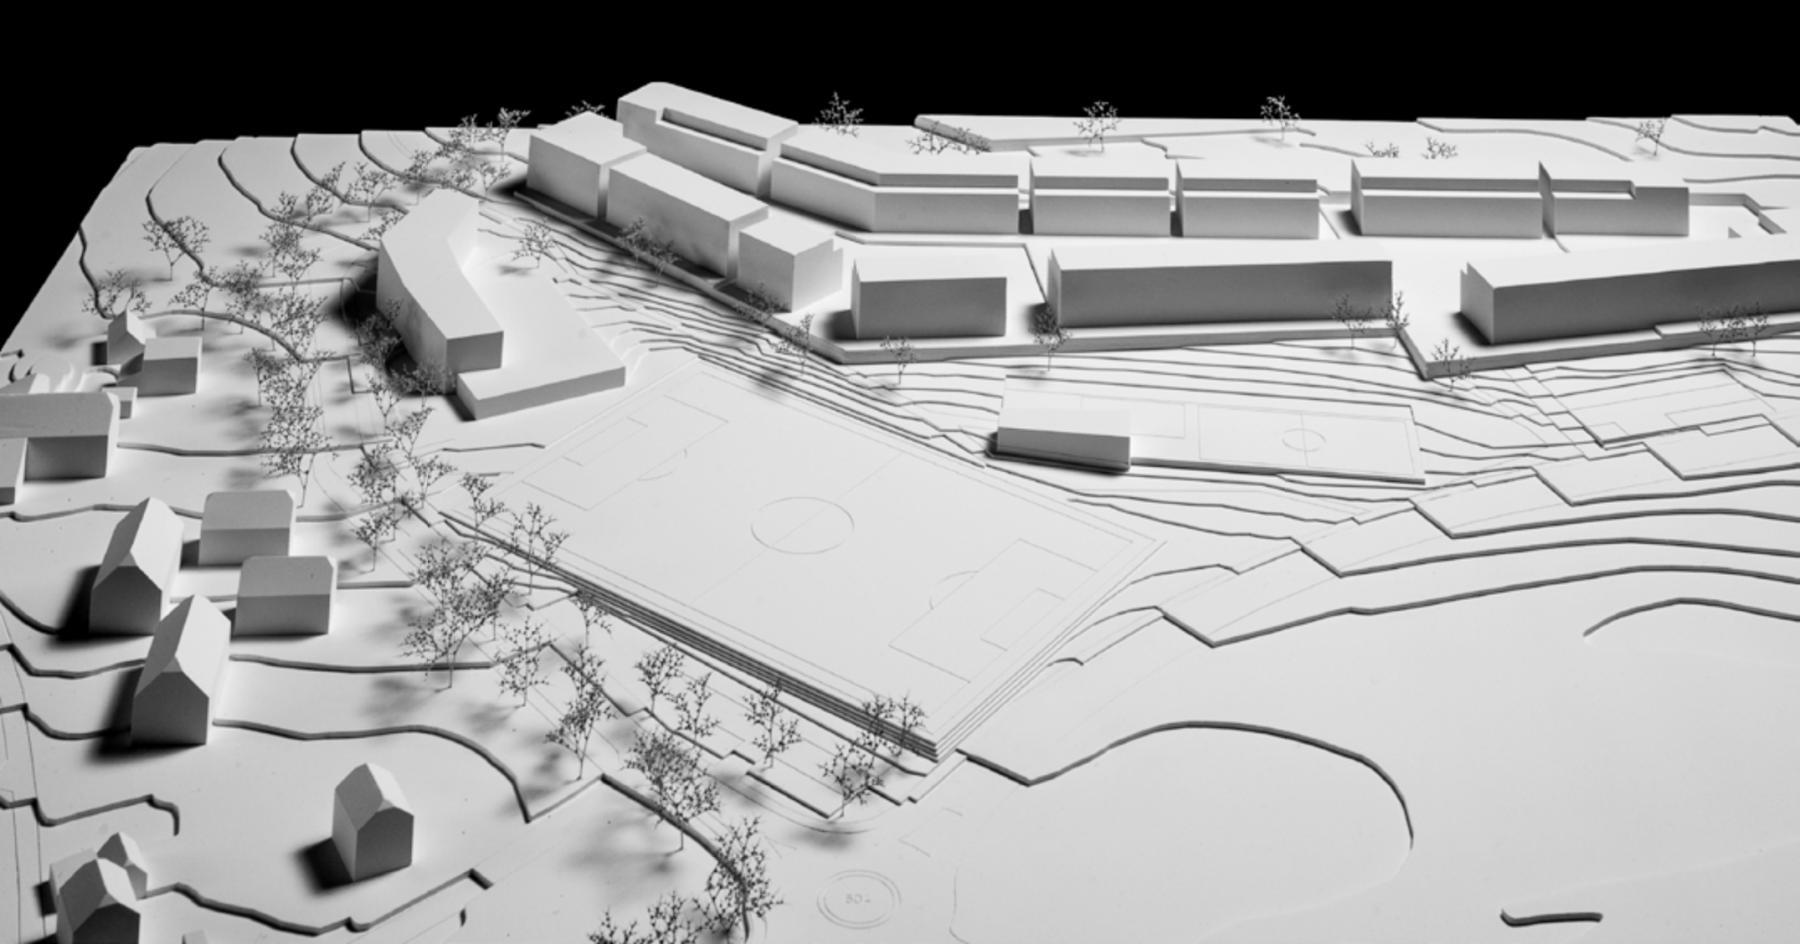 Schule und Sport im Ried, Köniz, Büning-Pfaue Kartmann Architekten & Grand Paysage Landschaftsarchitektur, flipper's freund